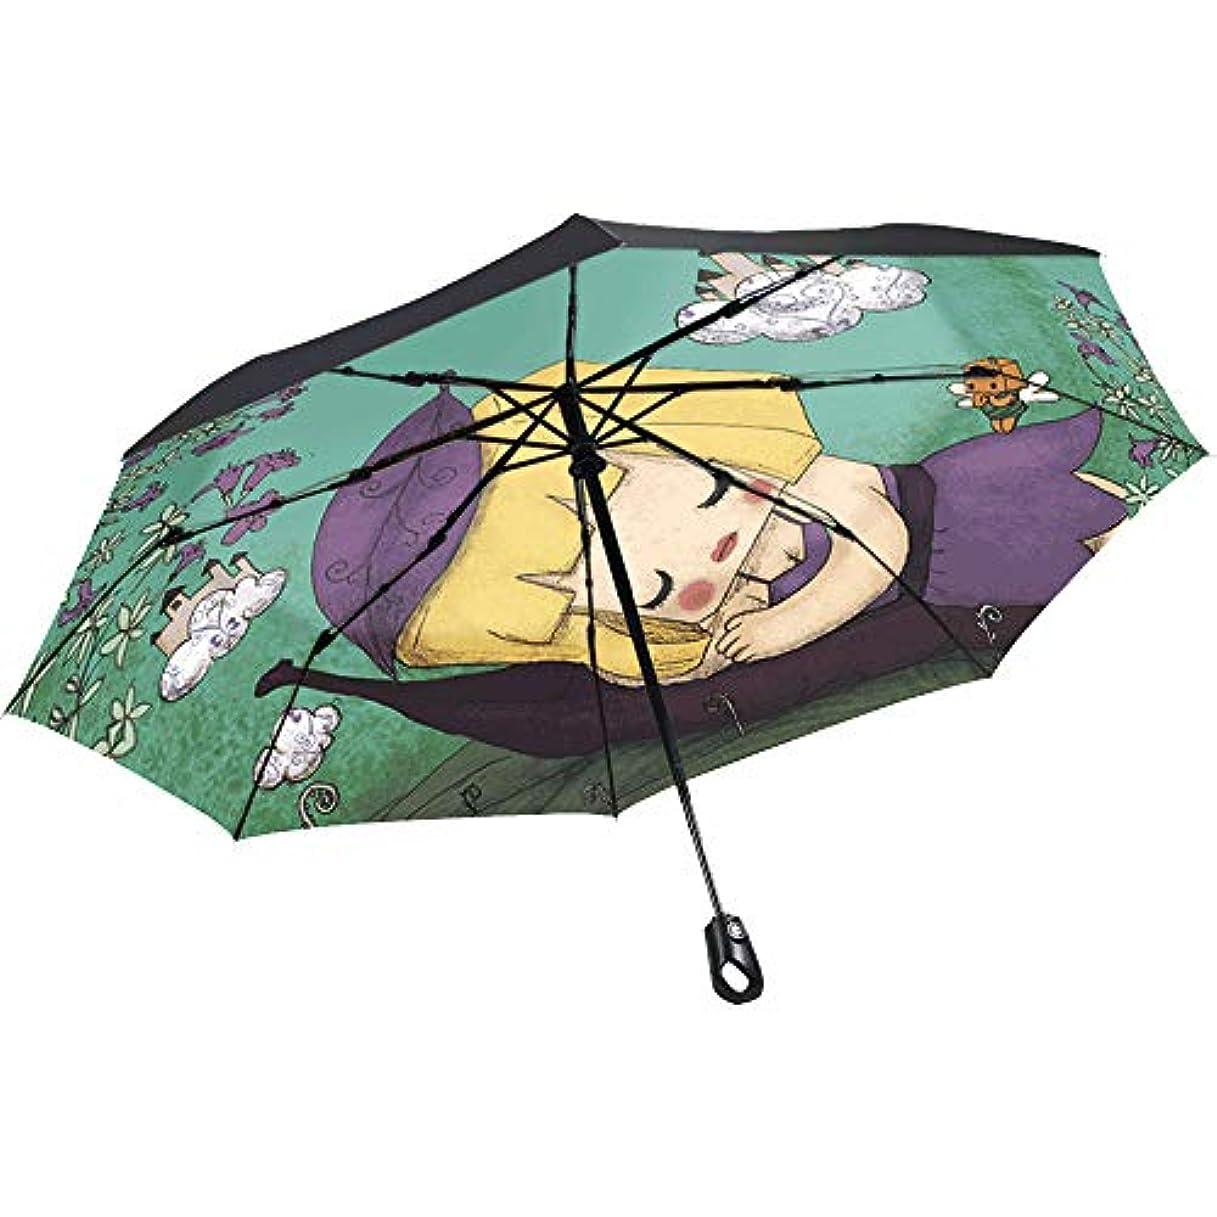 調整する矩形冷蔵庫傘の男性と女性の雨と雨の兼用自動三つ折り傘